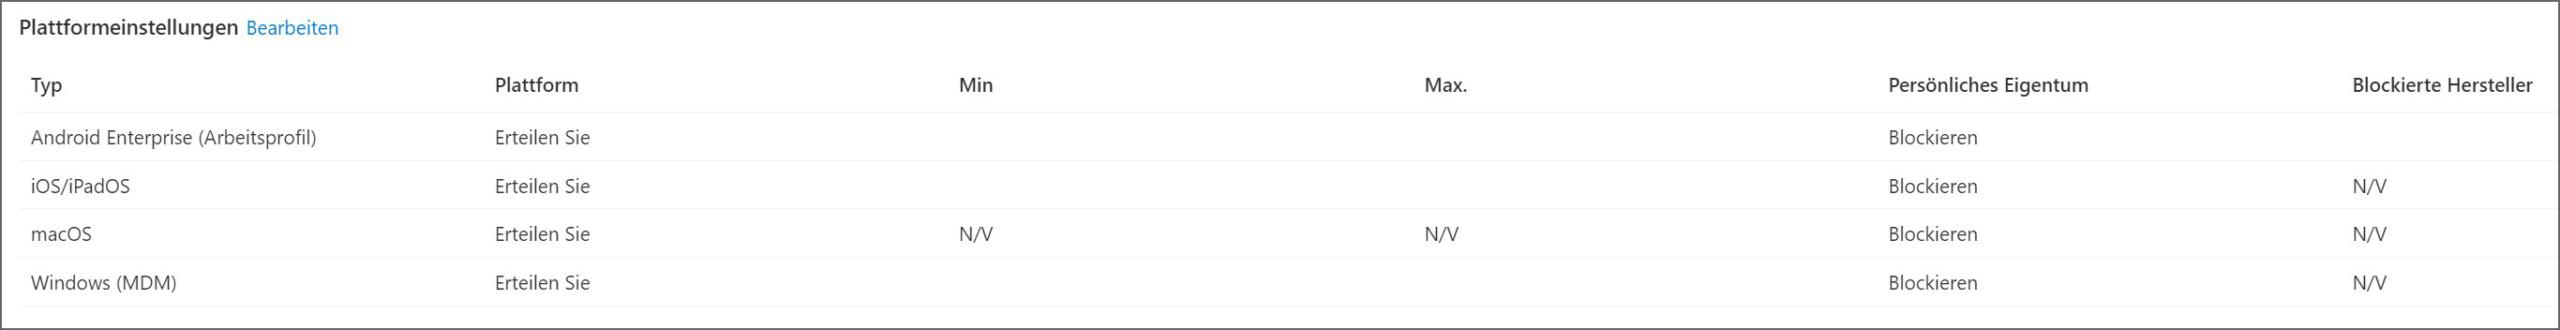 Android 12 und Microsoft Intune: Die Seriennummer oder IMEI kann nicht mehr als Unternehmensbezeichner verwendet werden